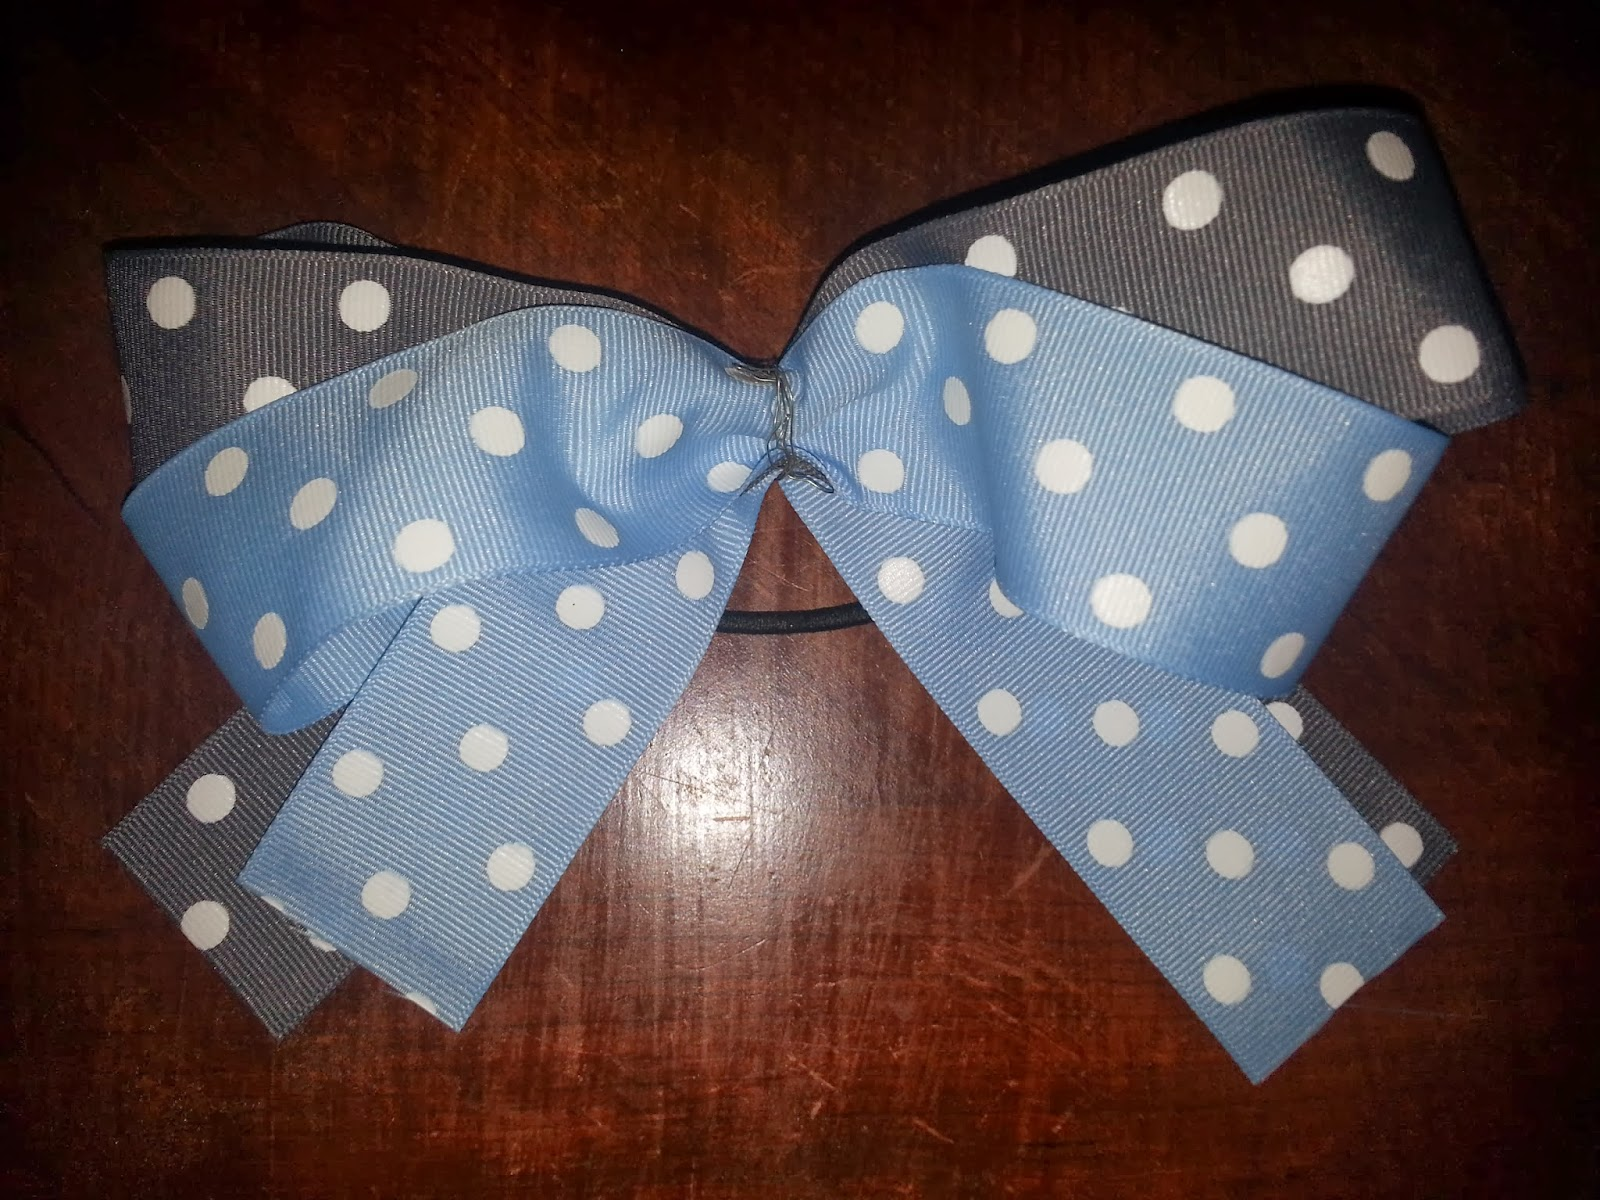 Making Cheer Bows